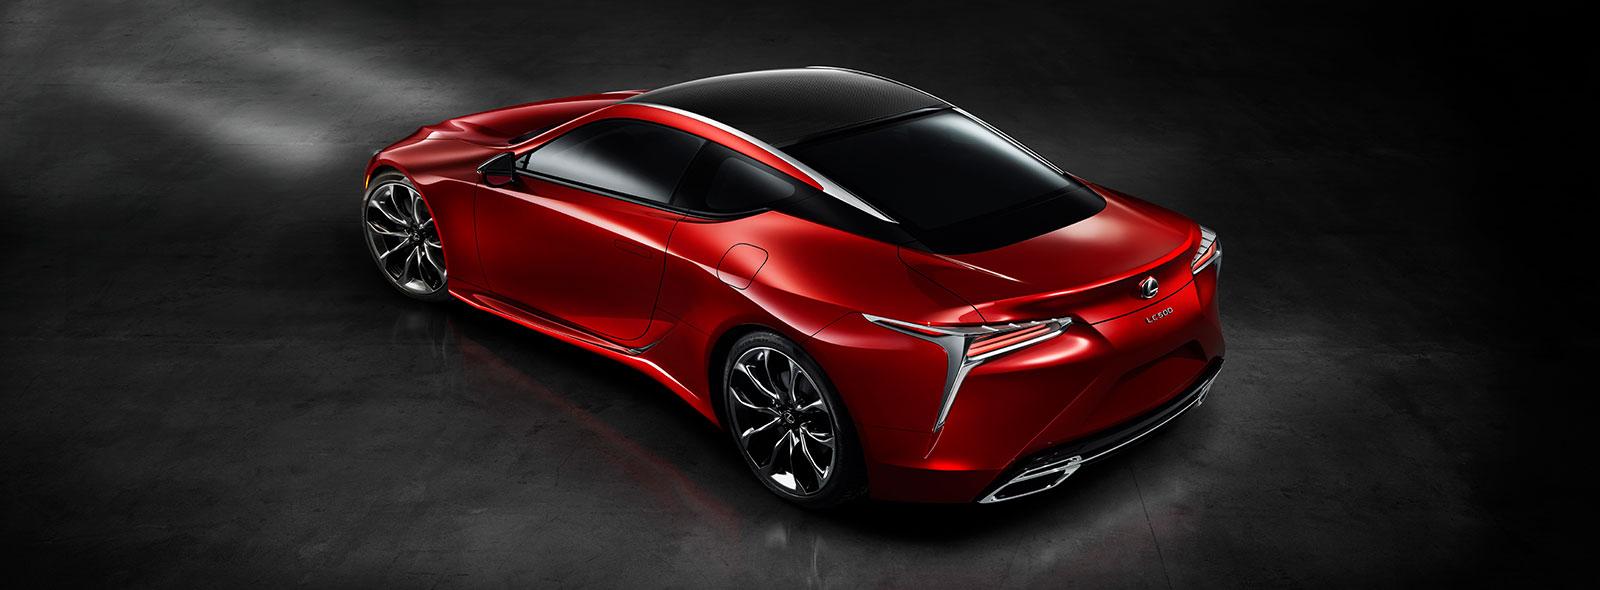 2017 Lexus LC Design Gallery 001